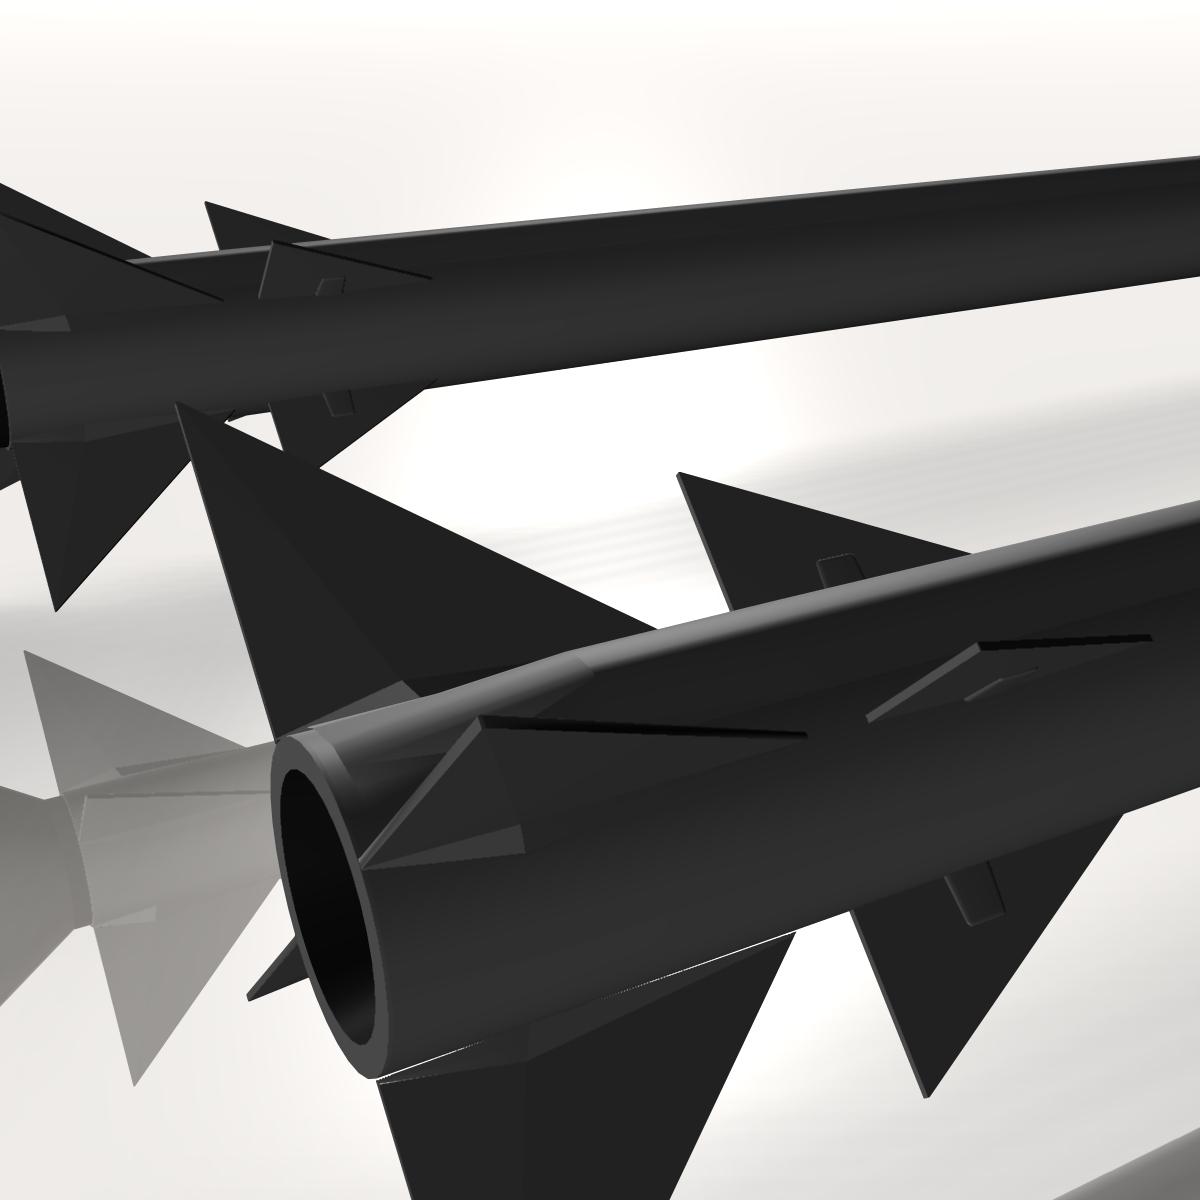 israeli stunner missile 3d model 3ds dxf cob x obj 150545